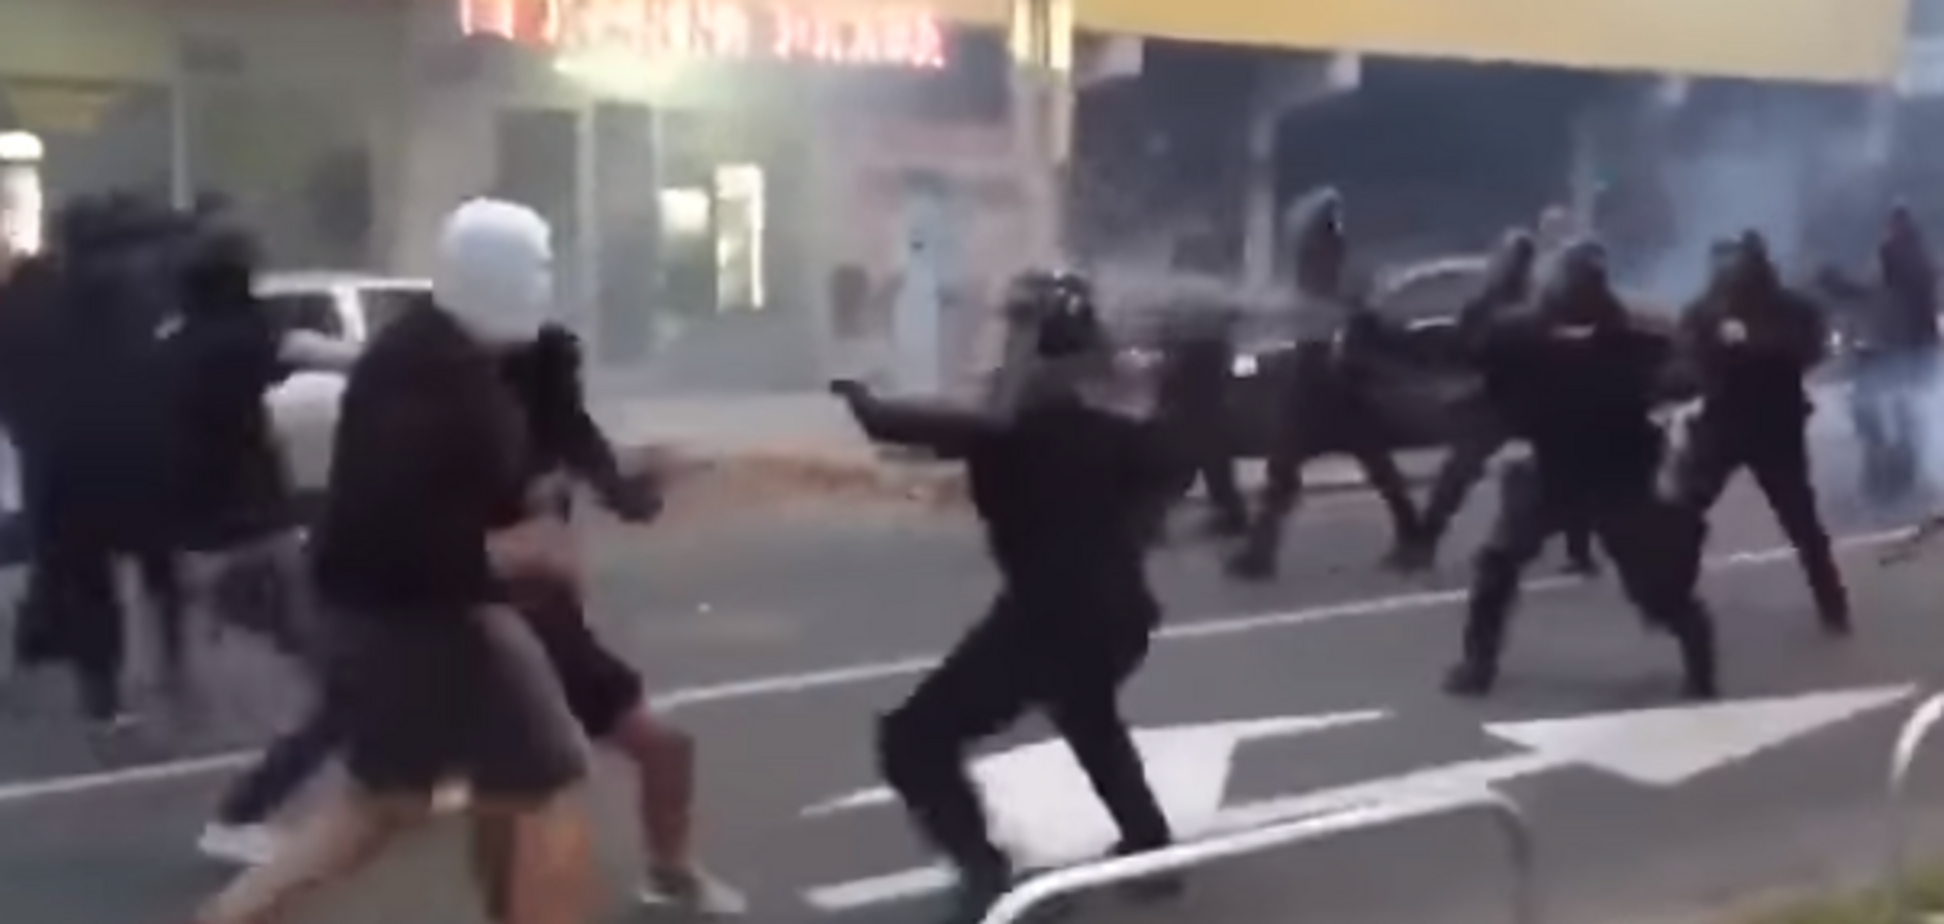 Ліга чемпіонів: ультрас 'Спартака' влаштували масову бійку з поліцією